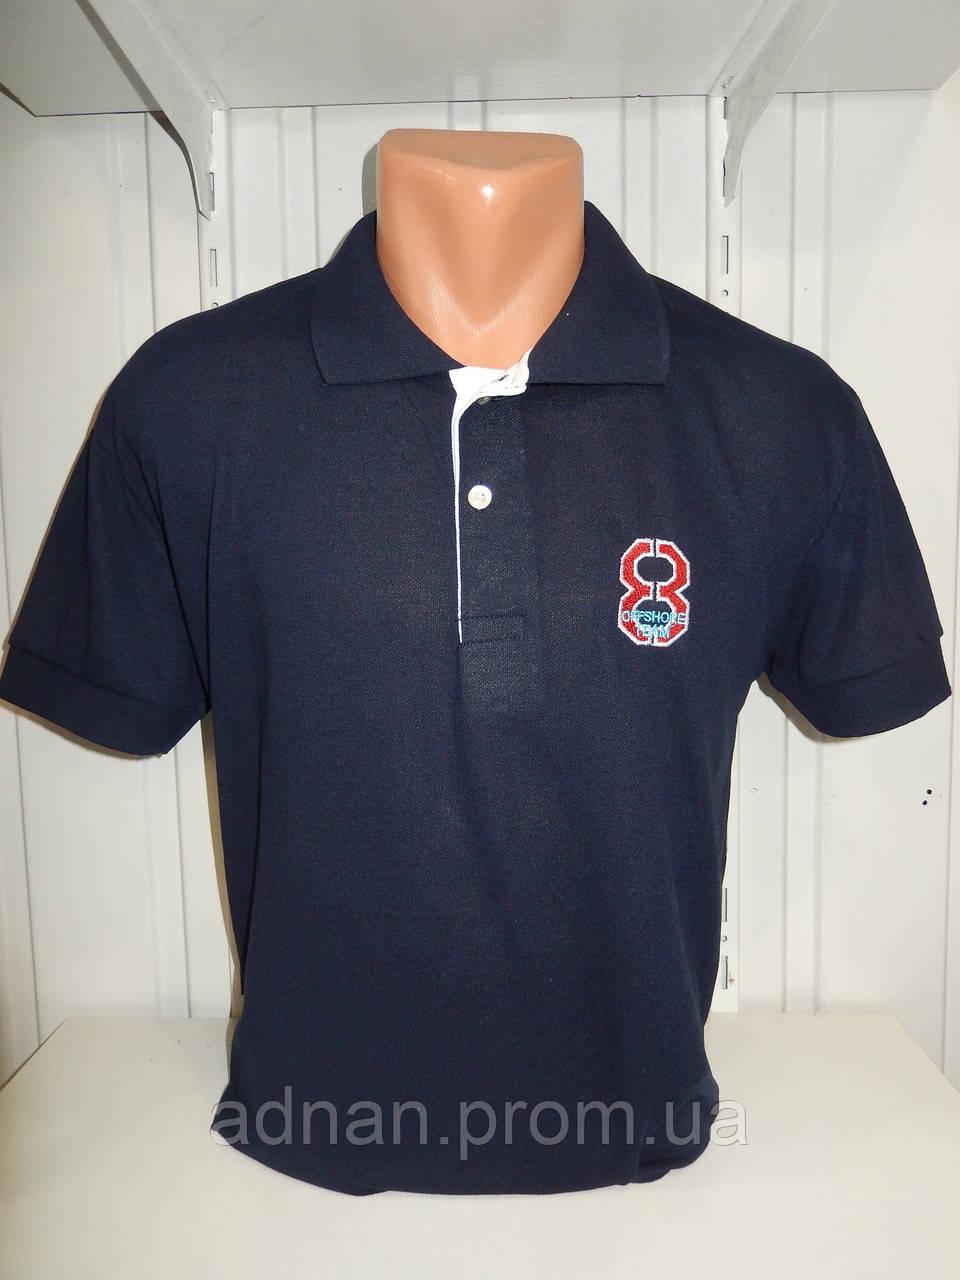 Футболка мужская ERKEK 8 поло однотонная, полубатал 002 \ купить футболку мужскую оптом